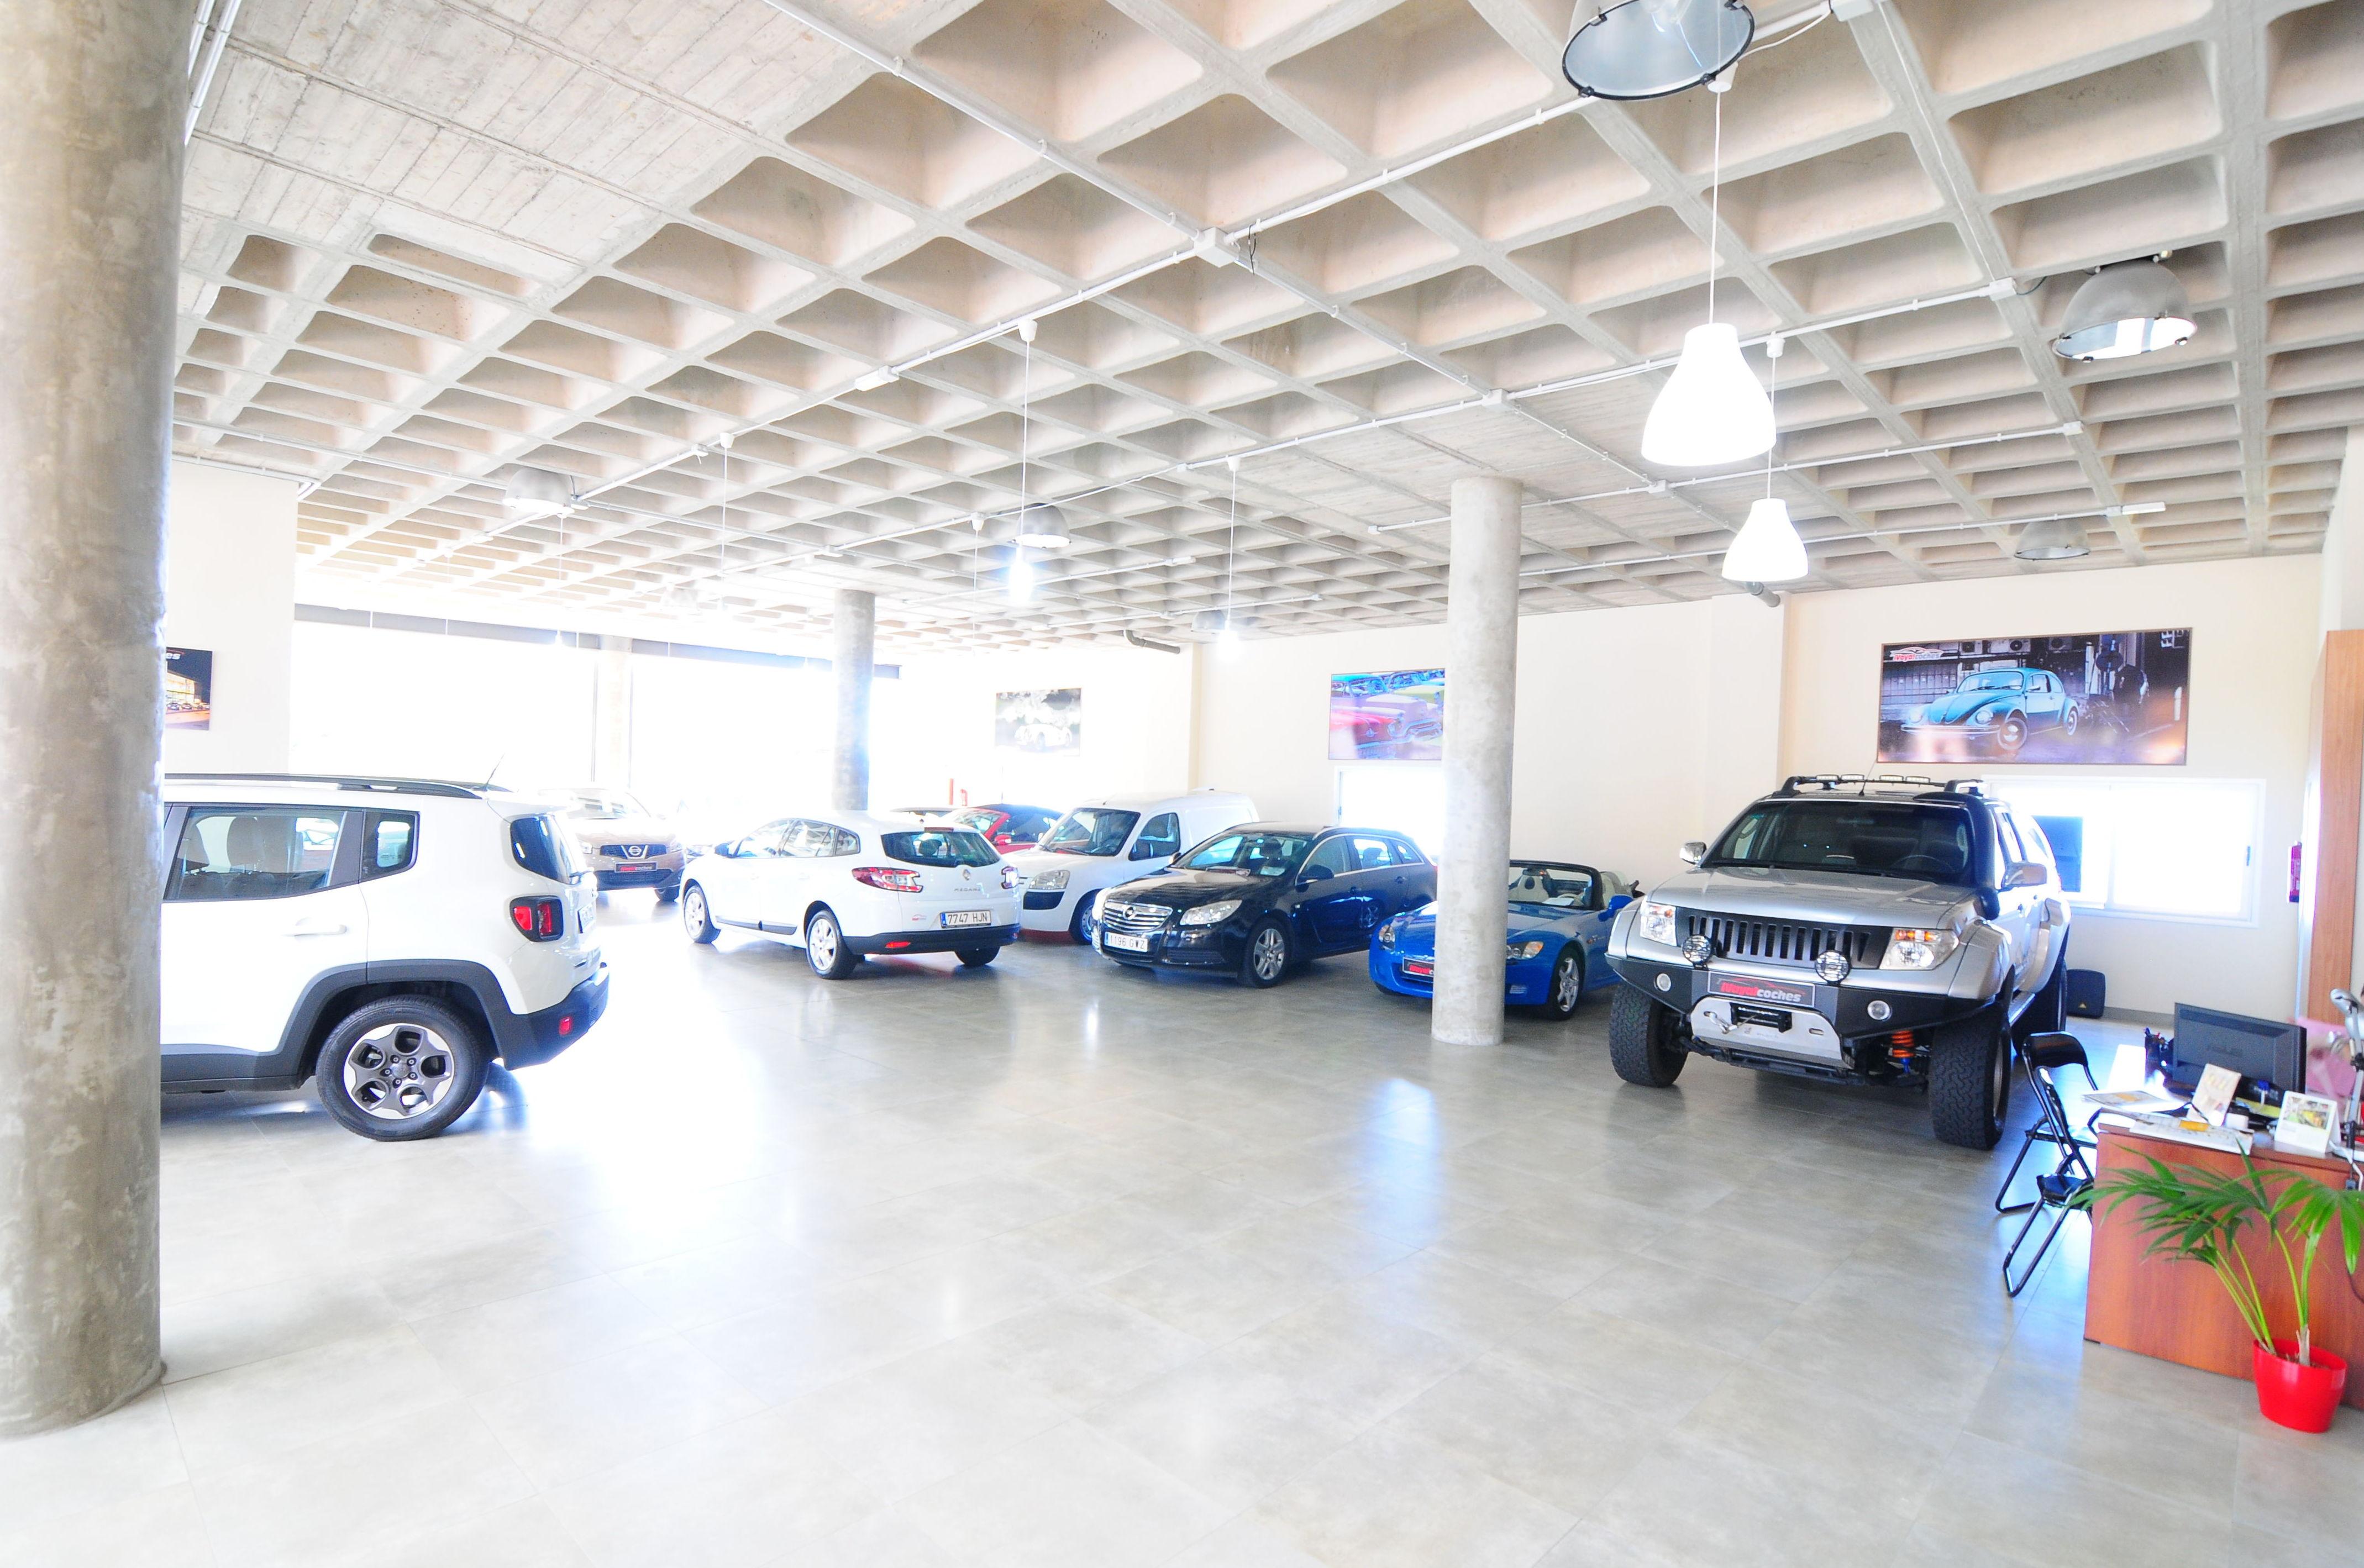 Foto 18 de Concesionario de coches en La Orotava | VAYA COCHES SL